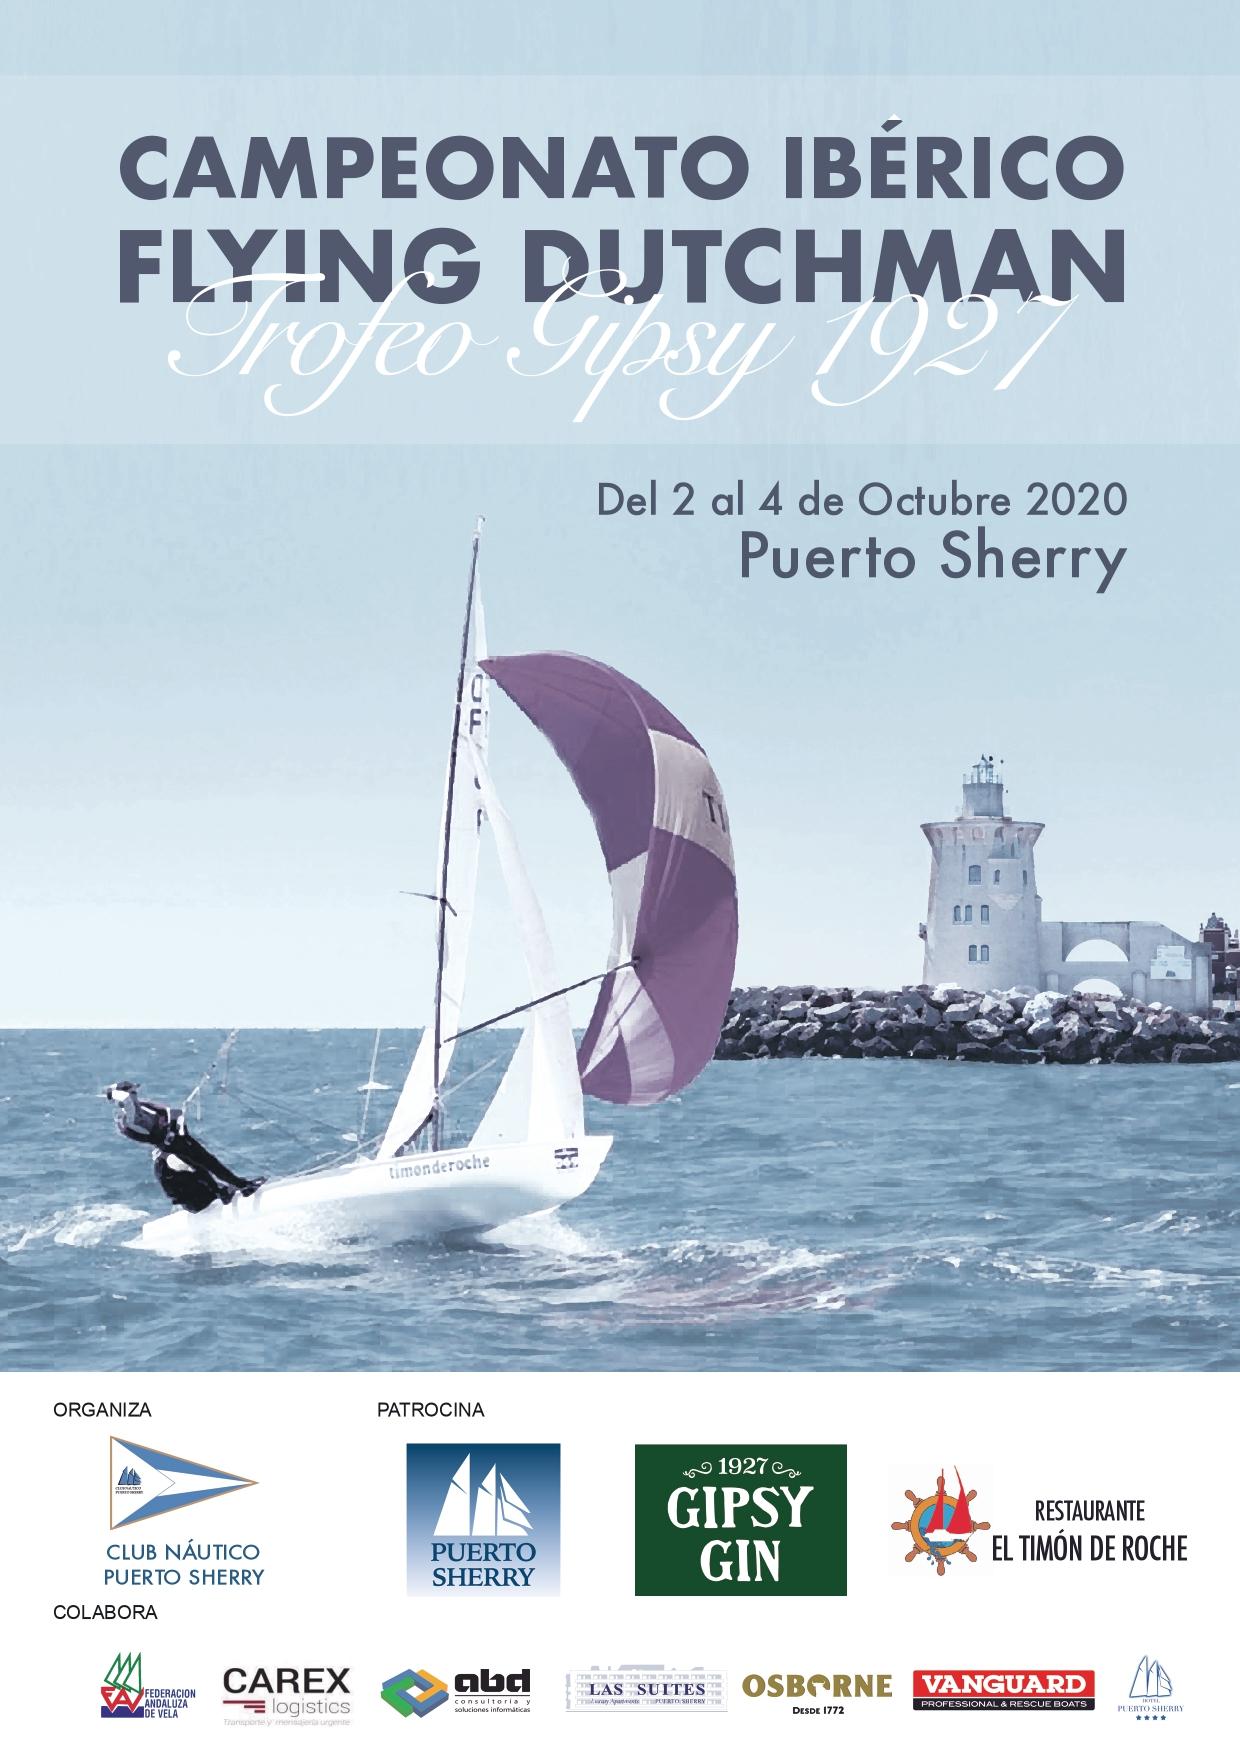 Campeonato Ibérico De Flying Dutchman